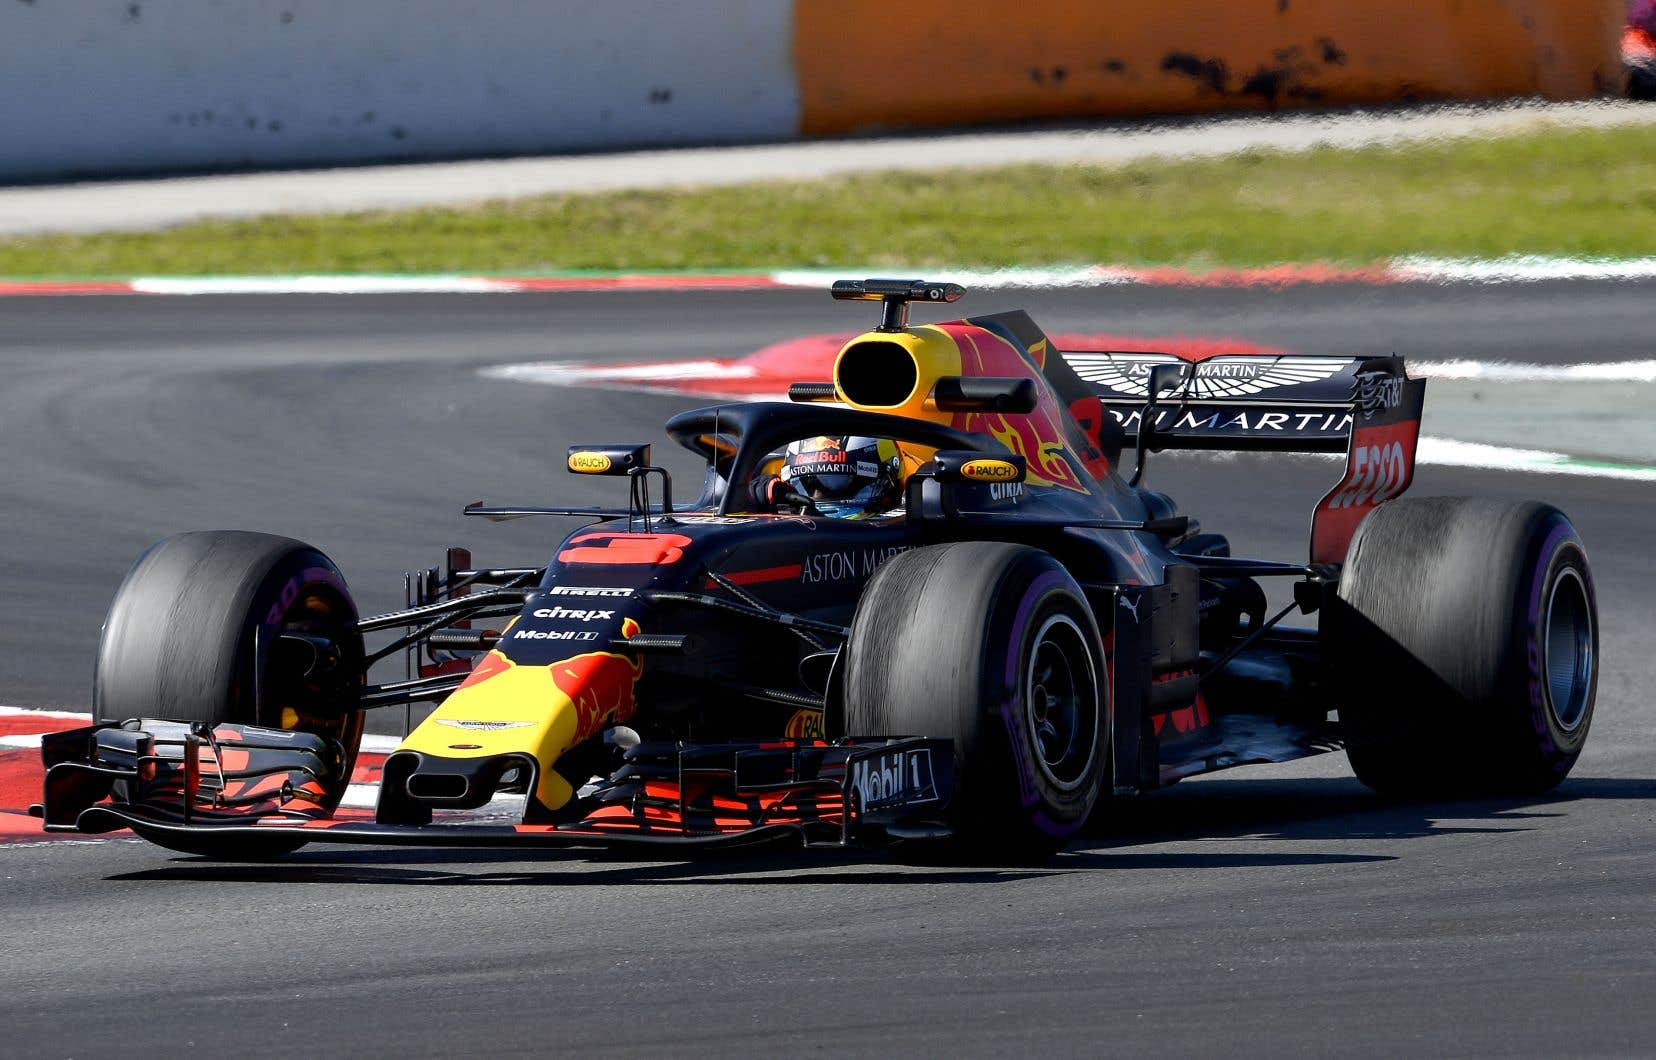 Au volant de sa Red Bull, et roulant sur des pneus supermous, Ricciardo a réalisé un temps de 1 minute 18,047 secondes.